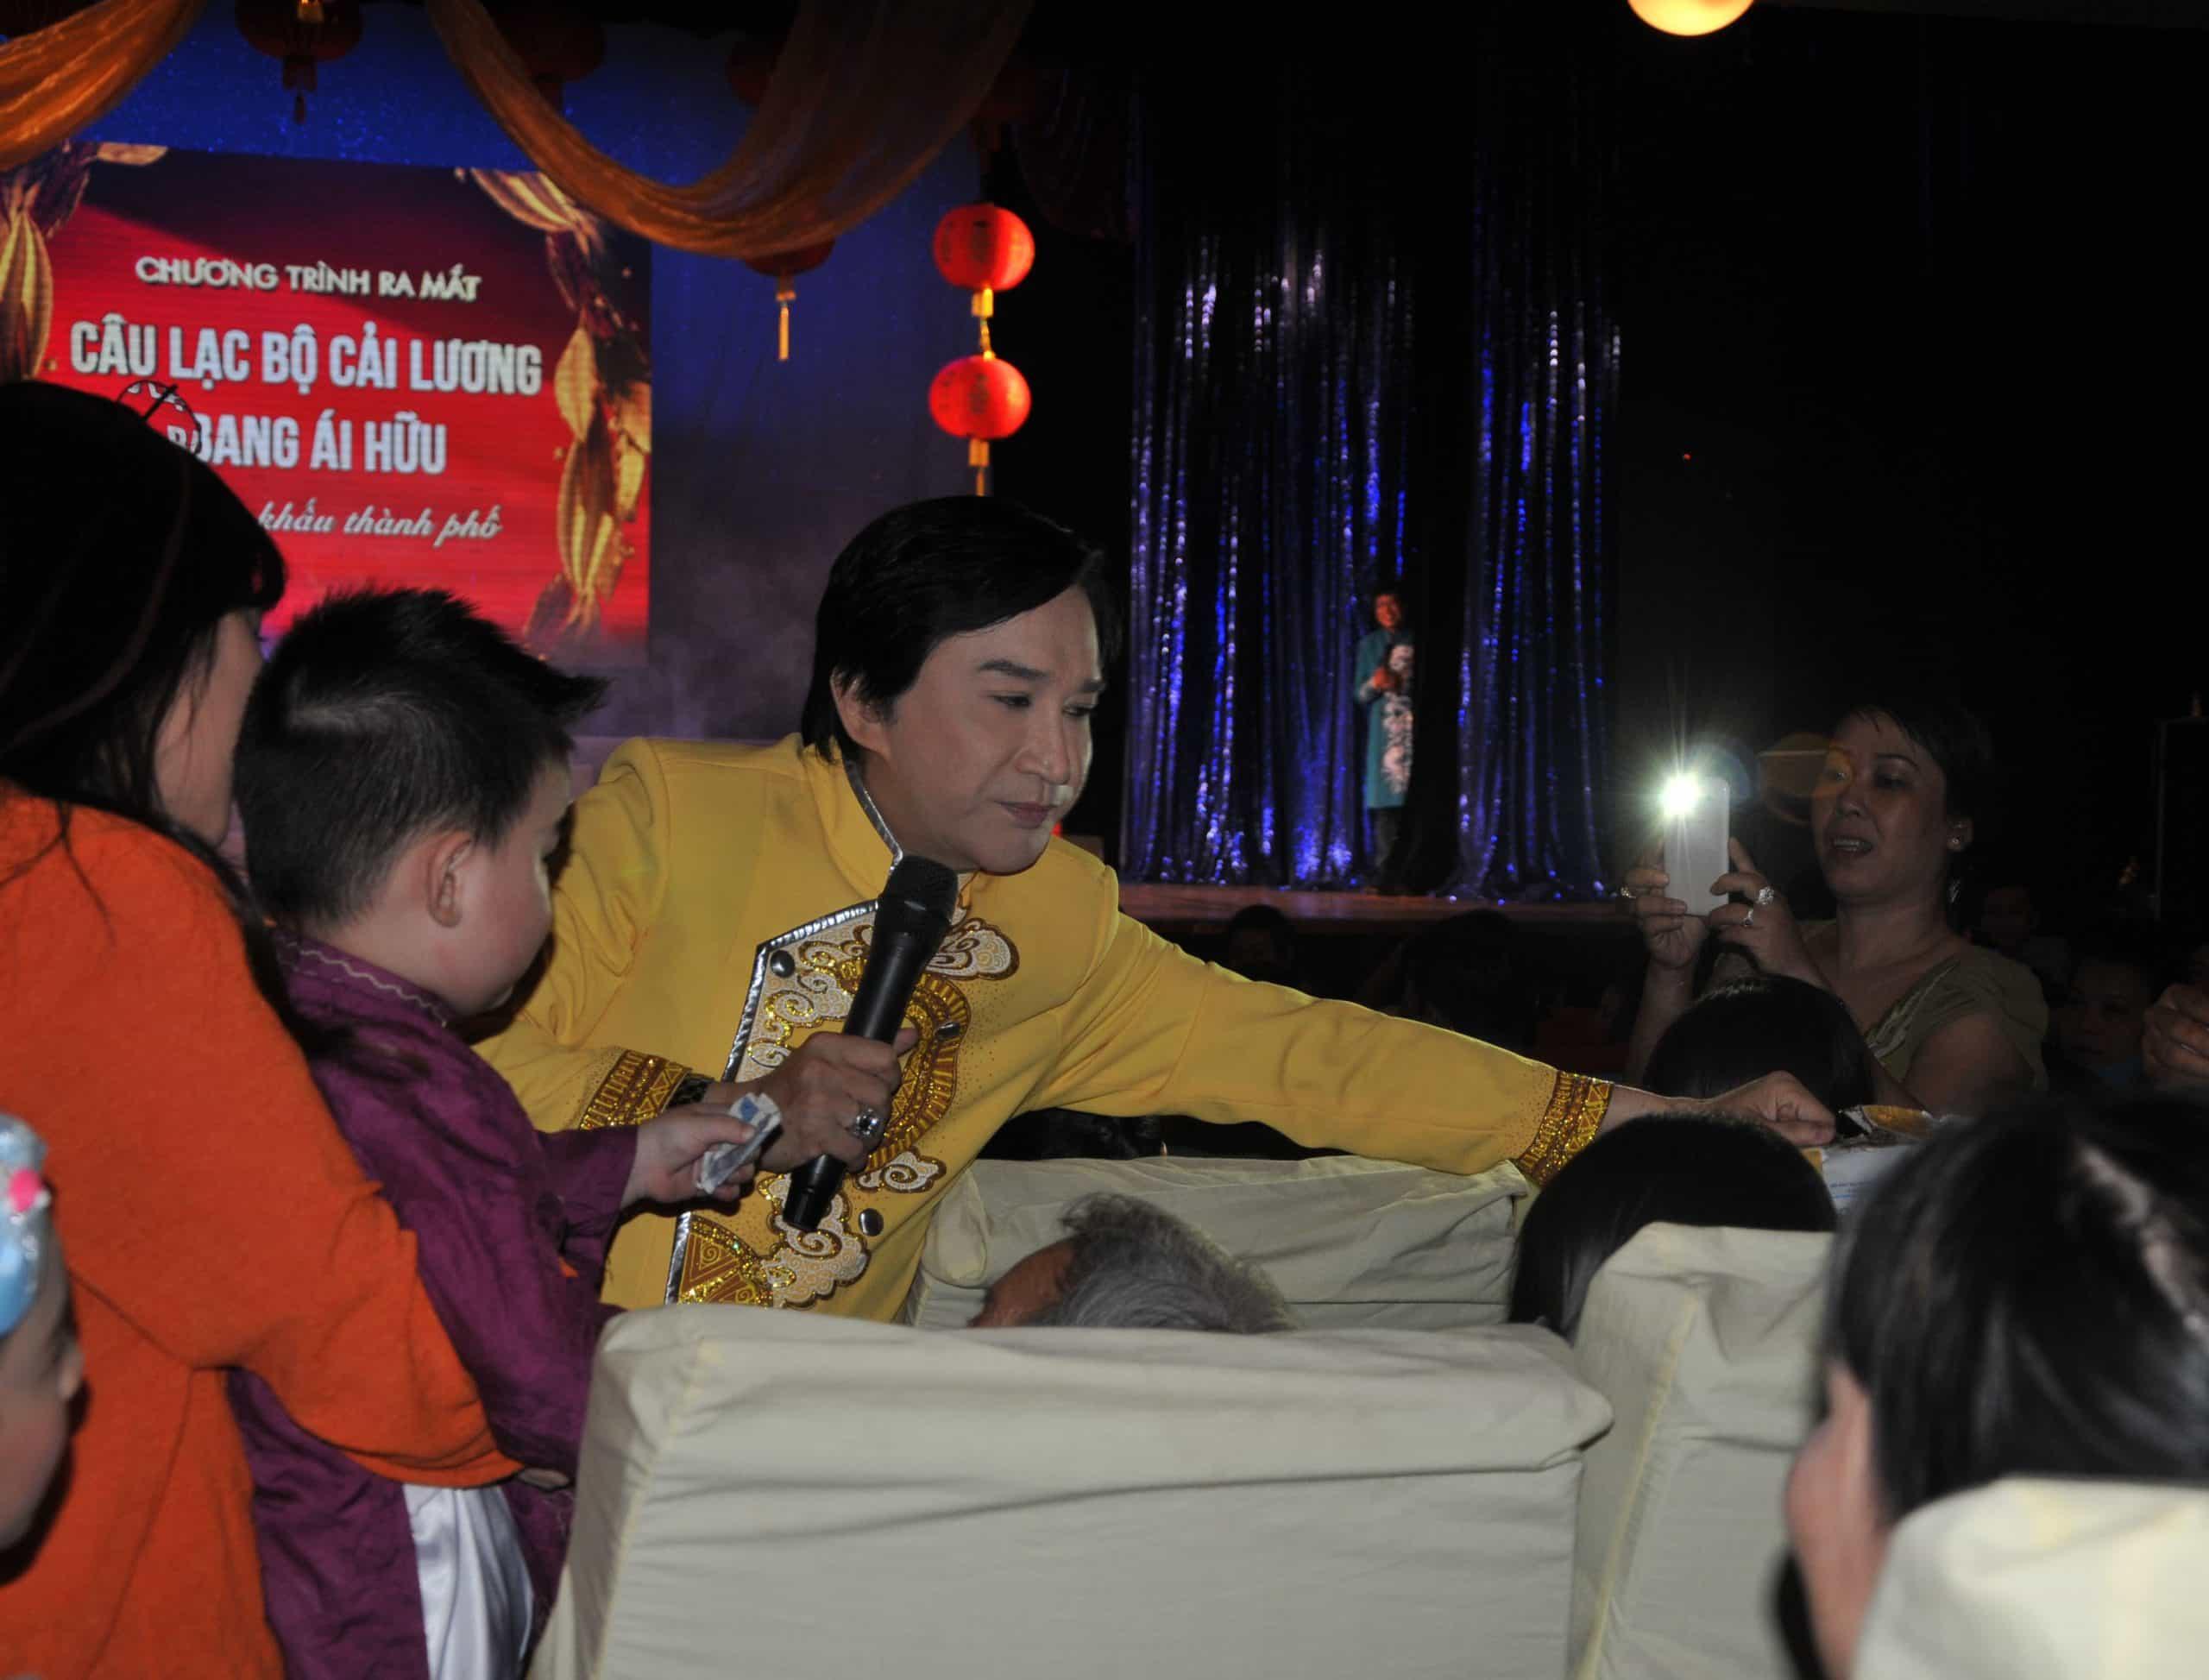 NSƯT Kim Tử Long quyên góp tiền ủng hộ nghệ sĩ nghèo trong chương trình Ba thế hệ về lại cội nguồn